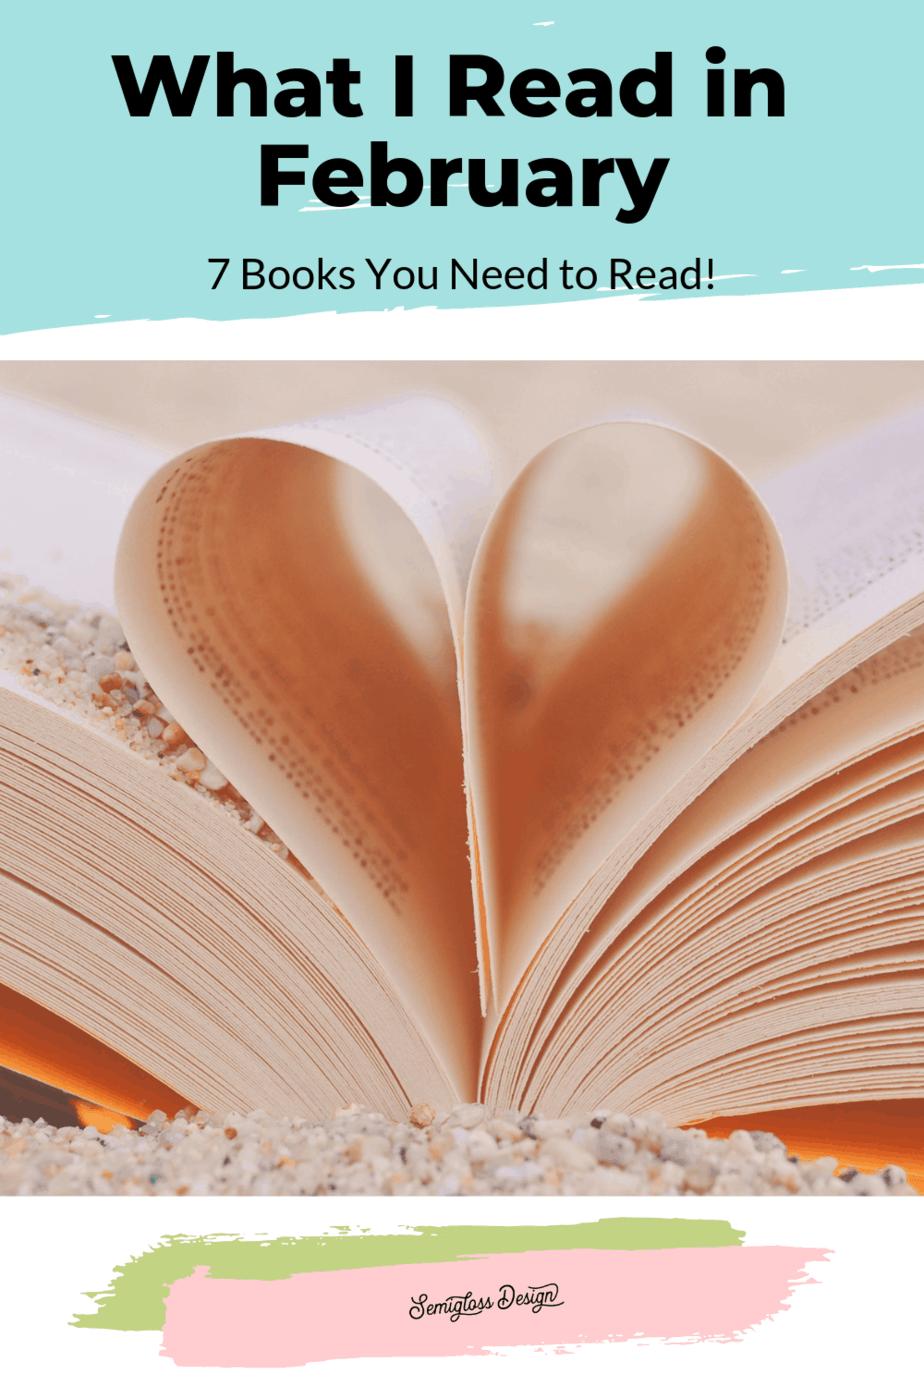 book shaped like heart